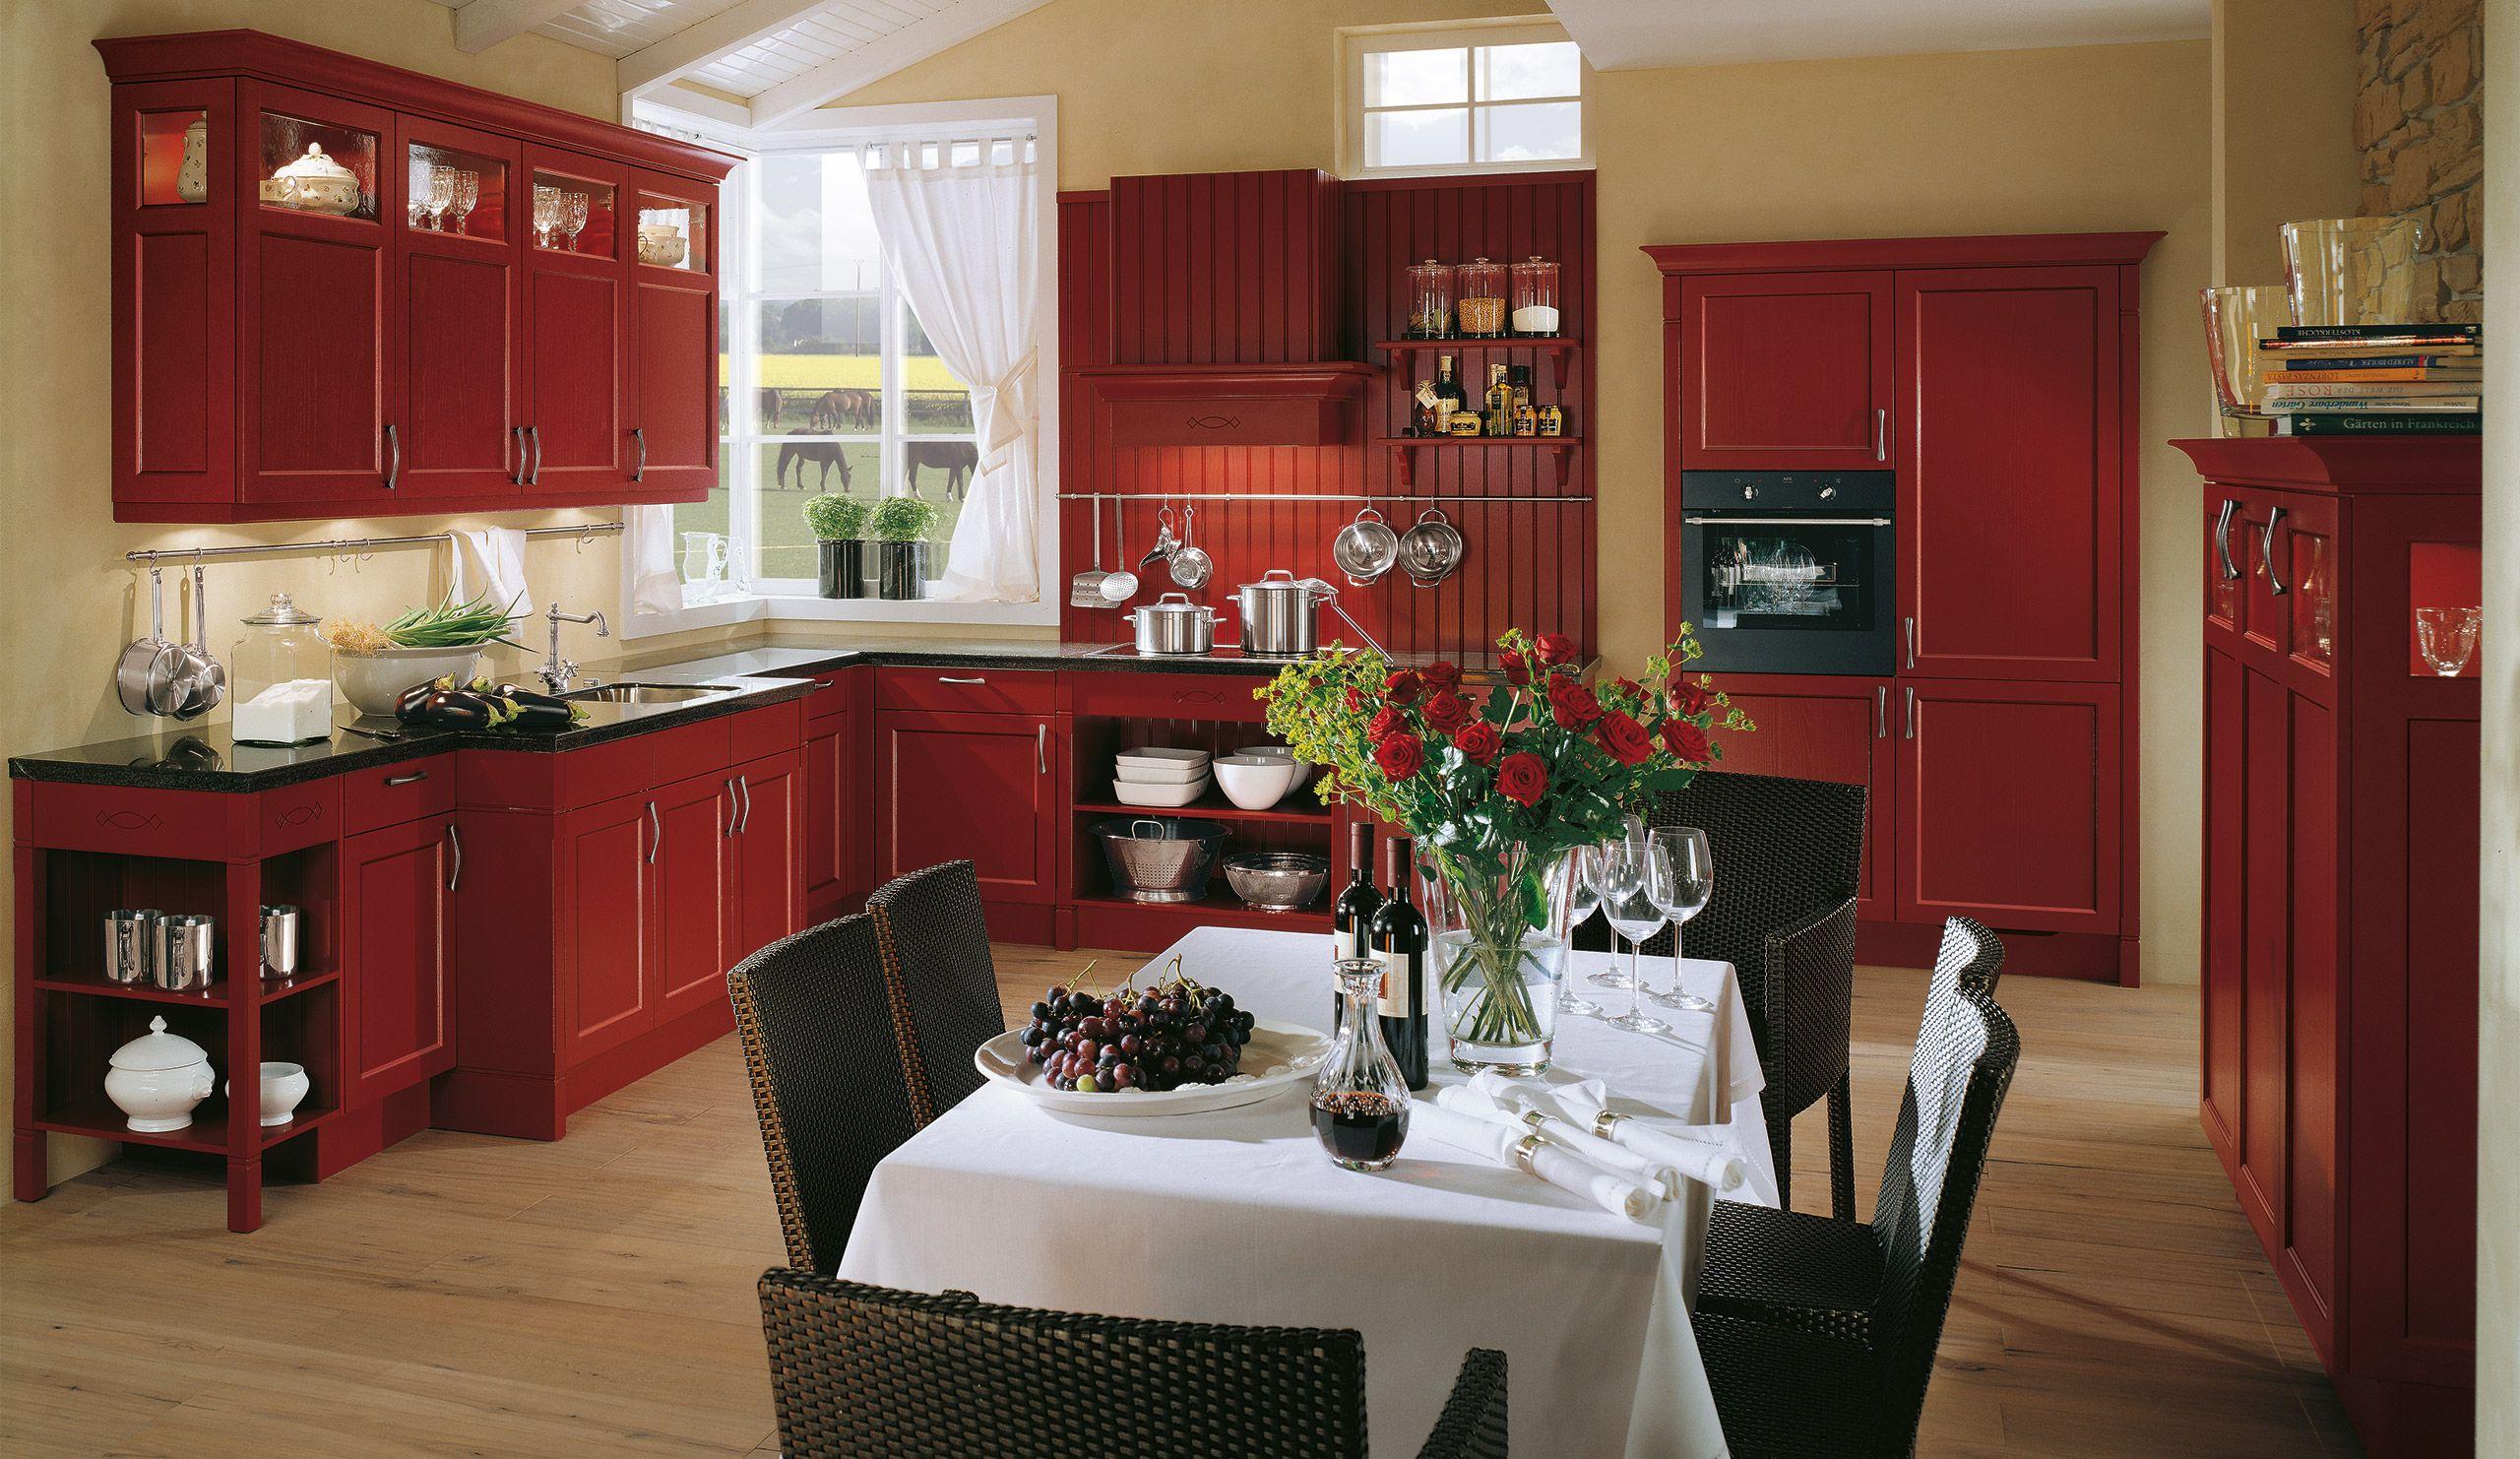 Rustikale Einbauküche Spinell Weinrot | Landküchendesign ...